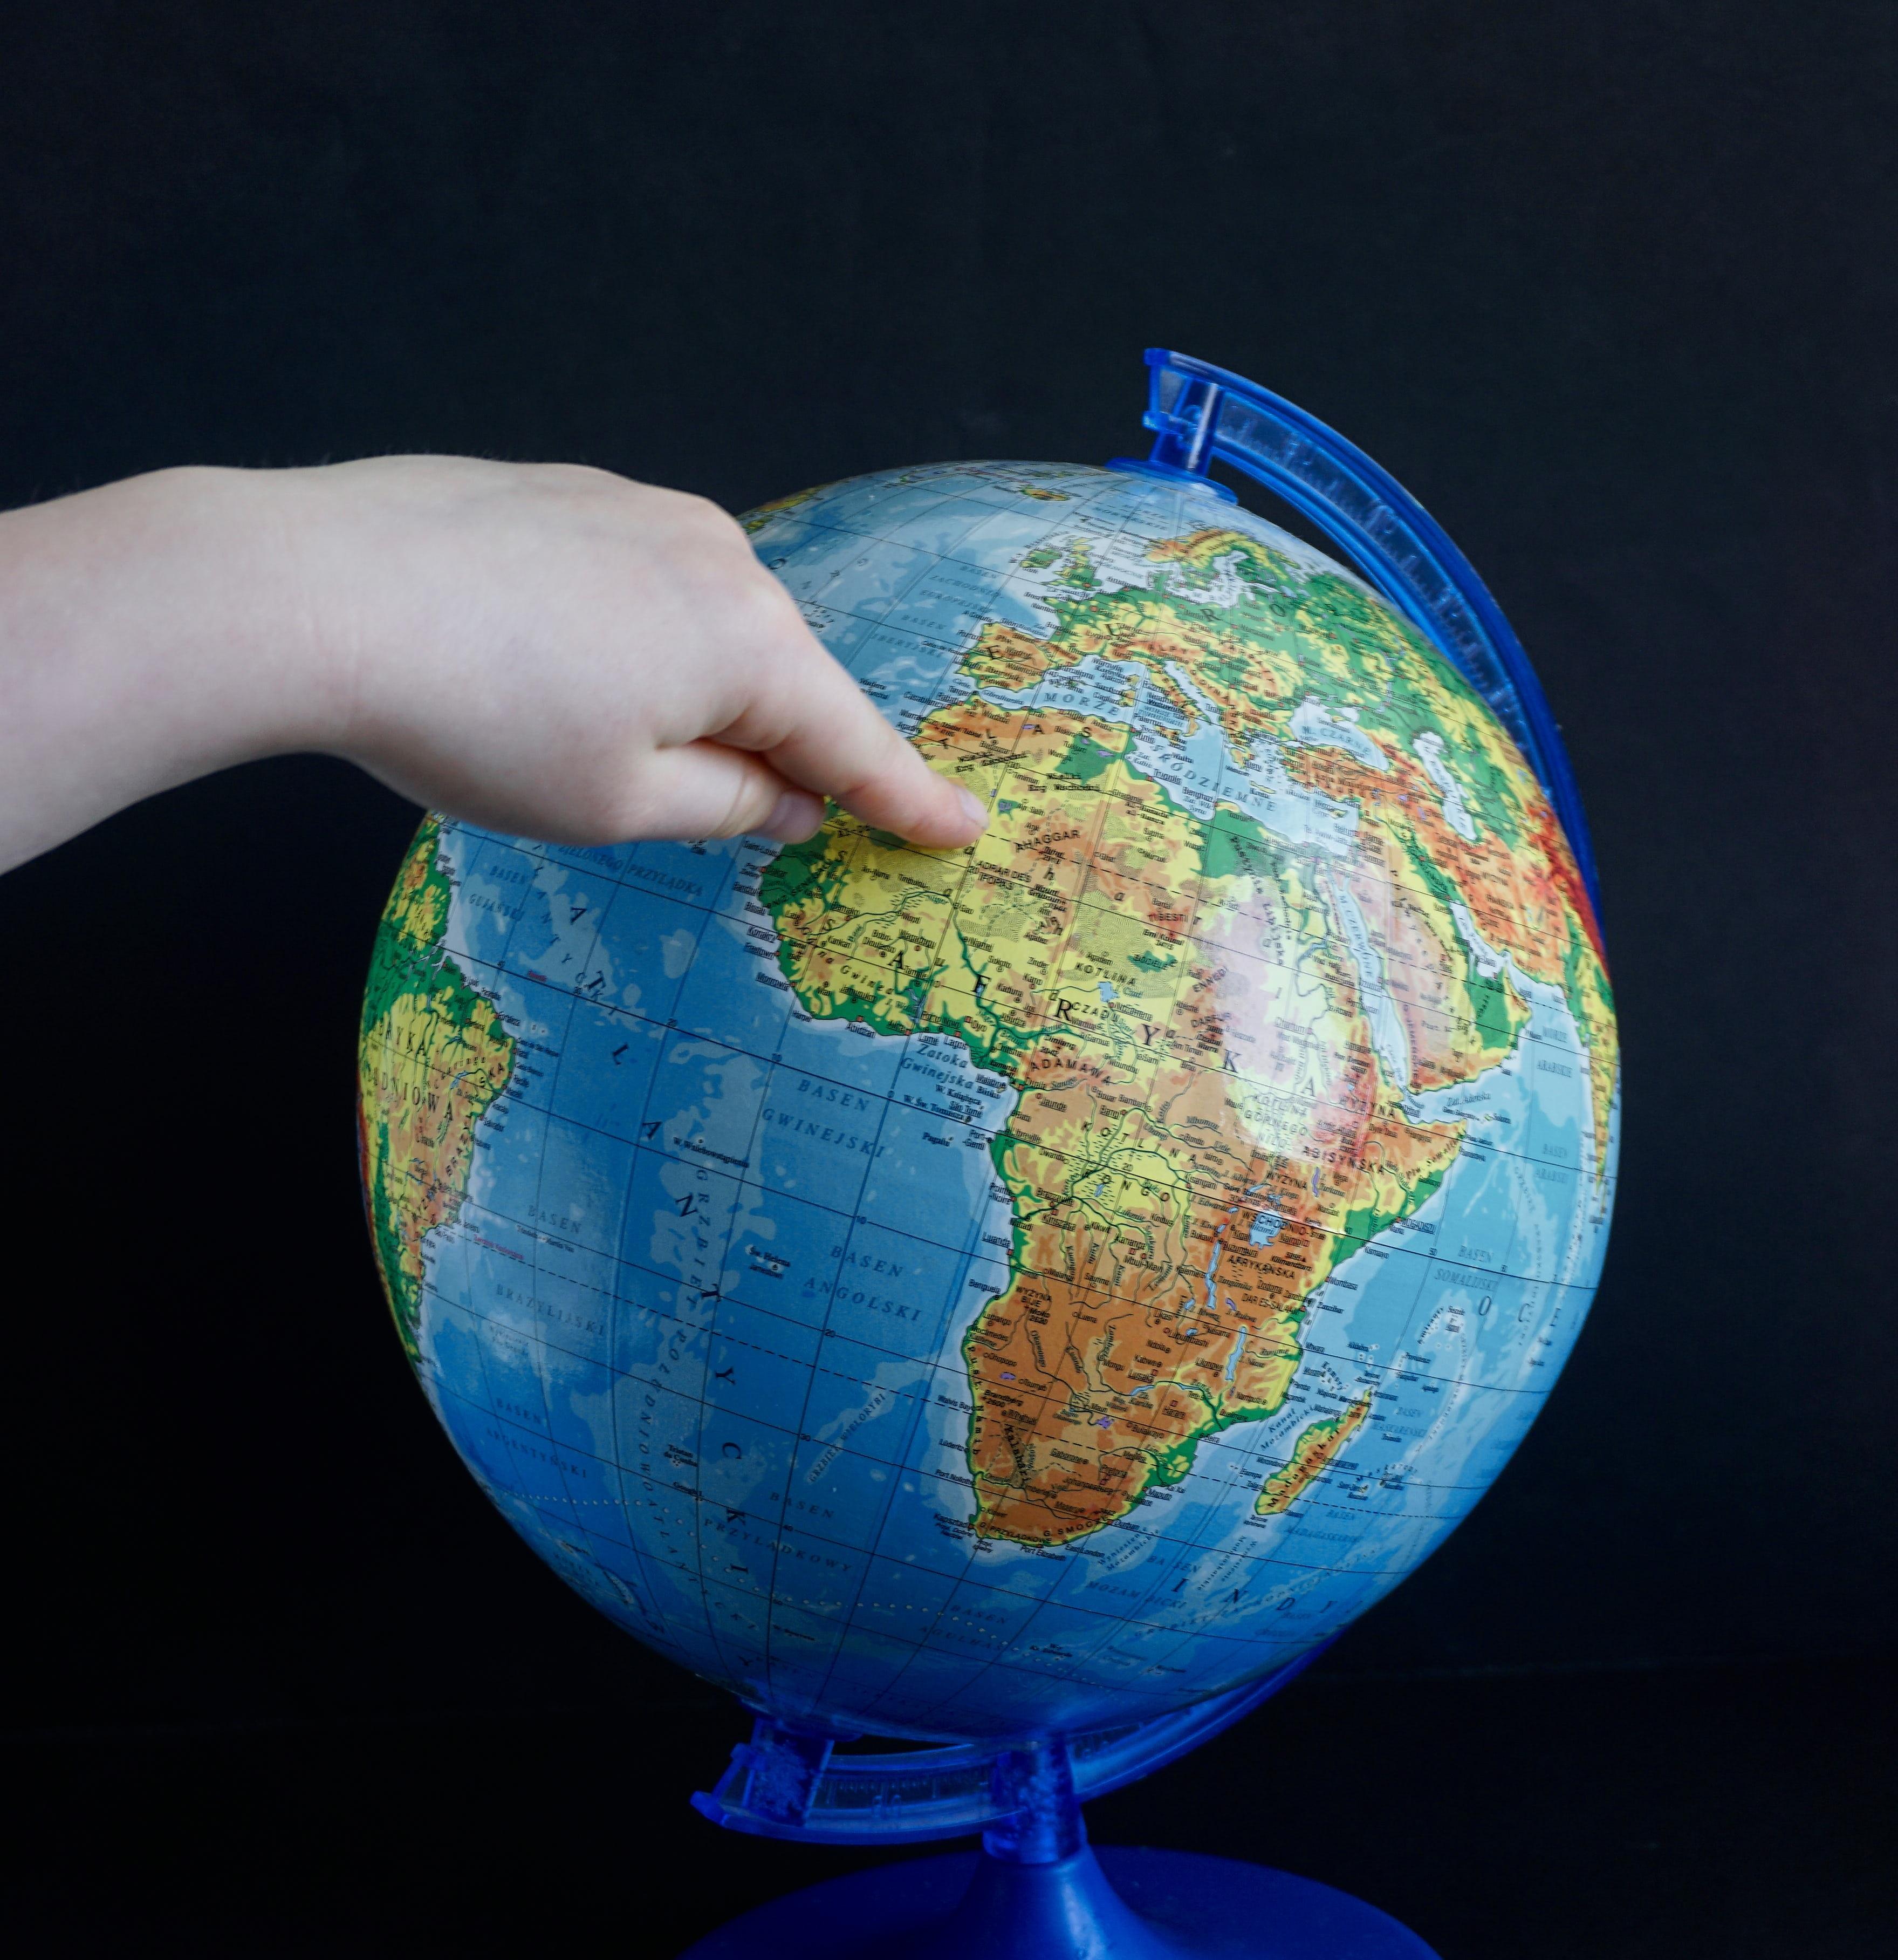 теперь, картинка карт земного шара фотографии, сделанные